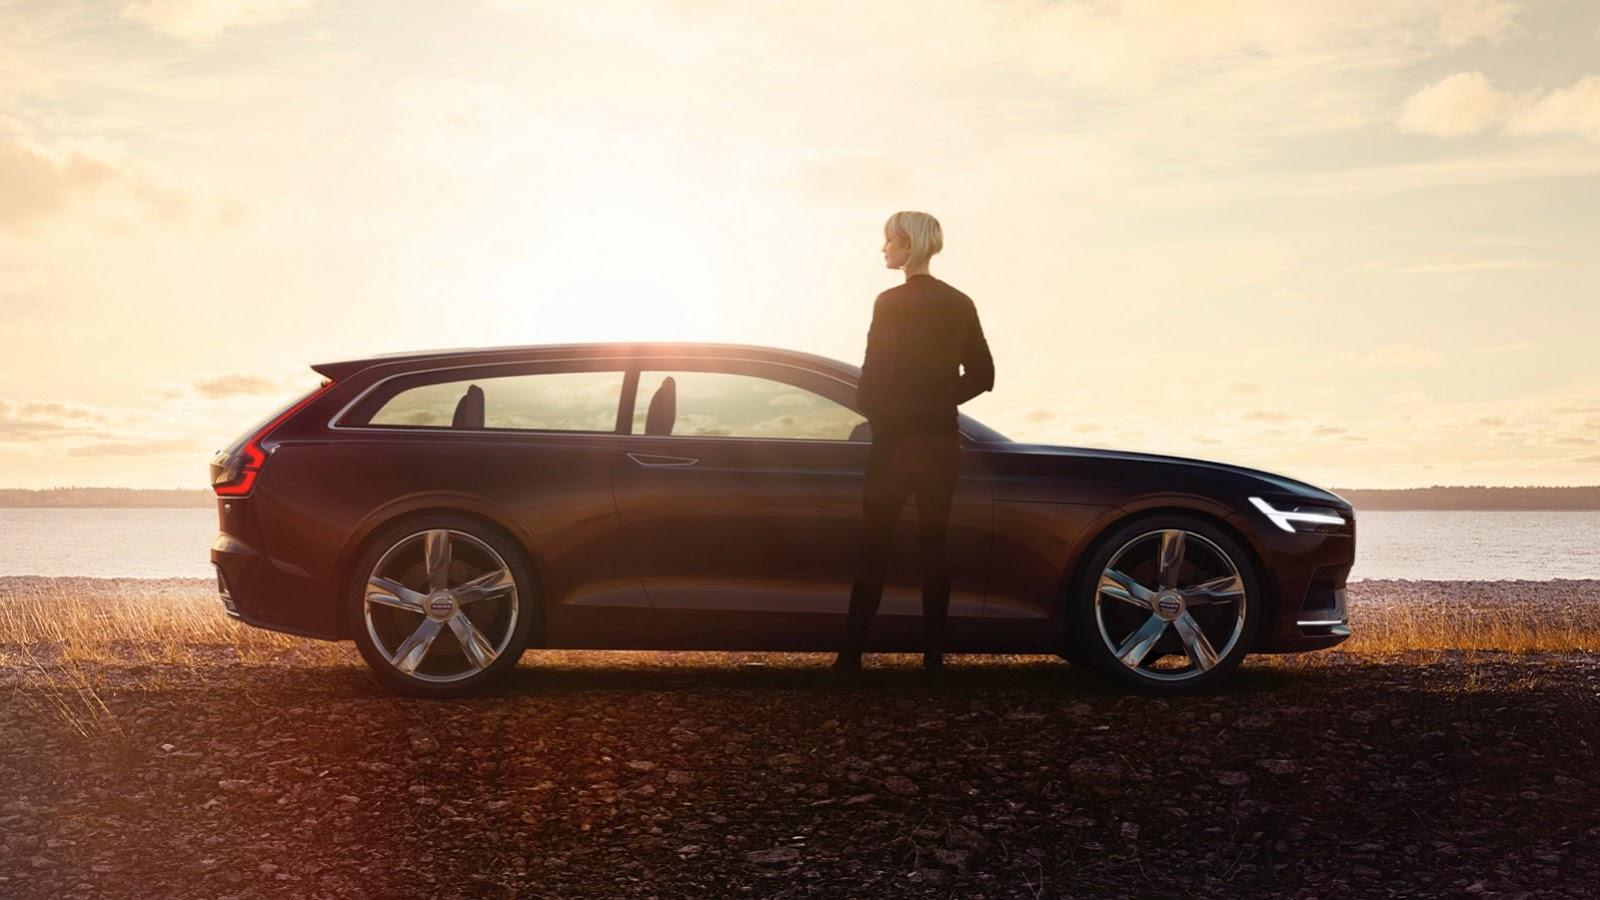 В 2018 году шведы выпустят модель V90 в стиле женевского концепта Estate